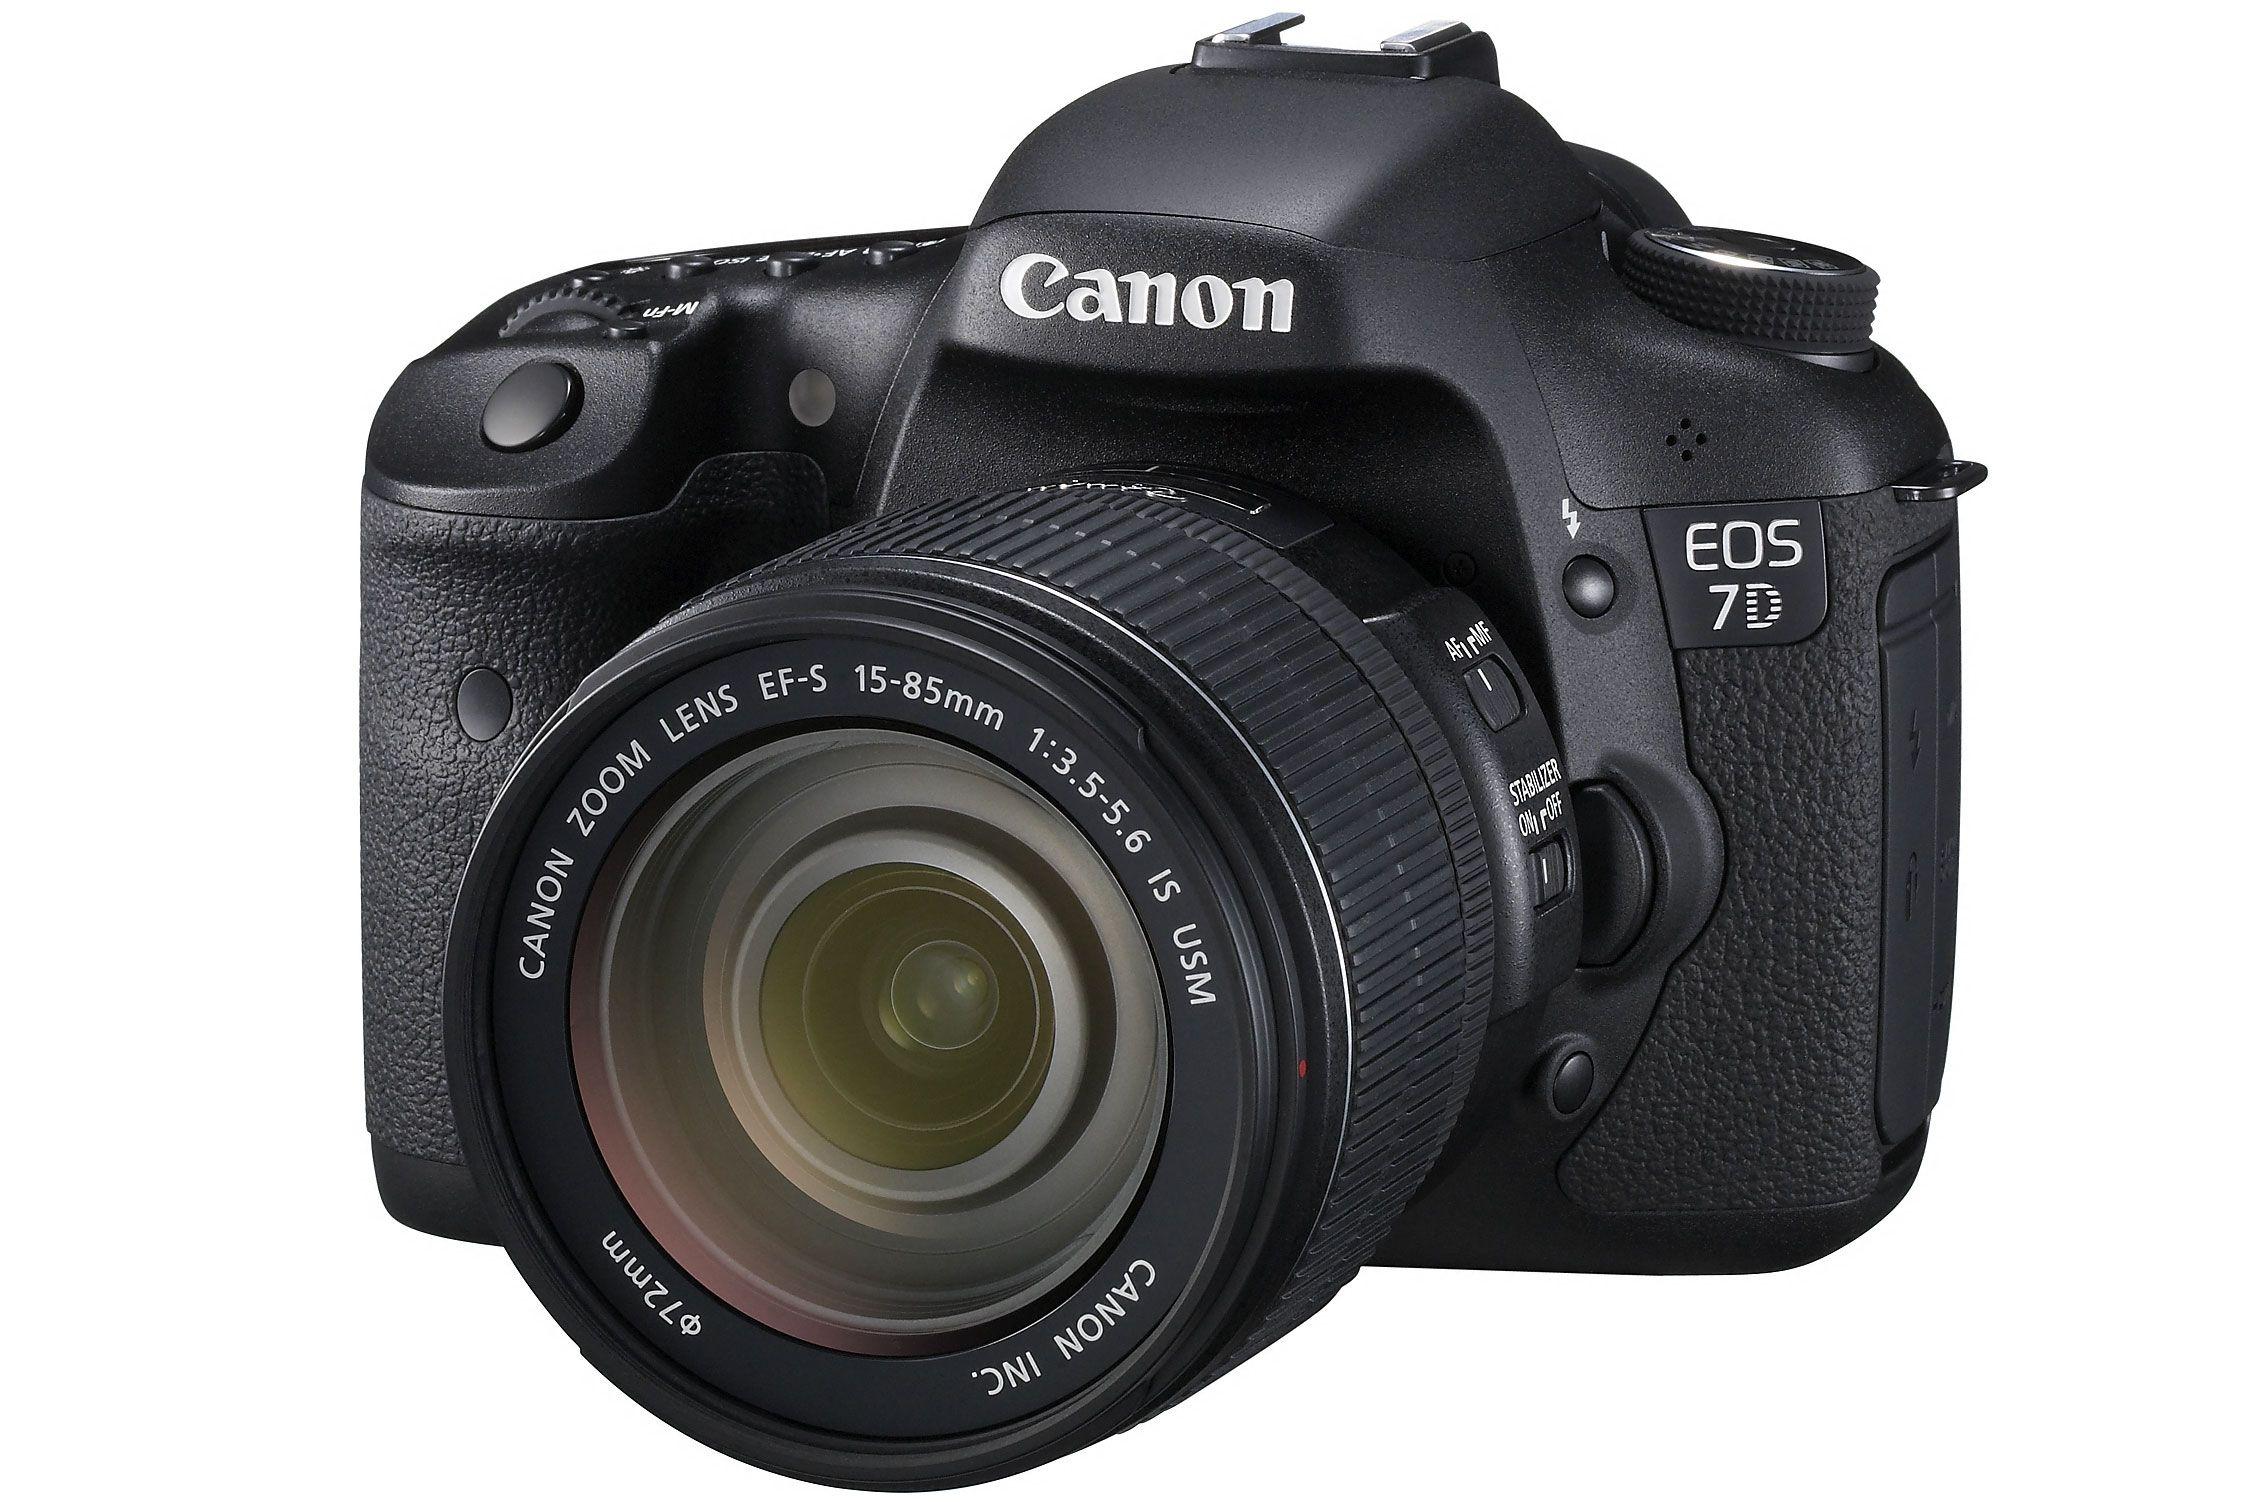 Canon EOS 7D - på tide med en oppdatering?Foto: Canon